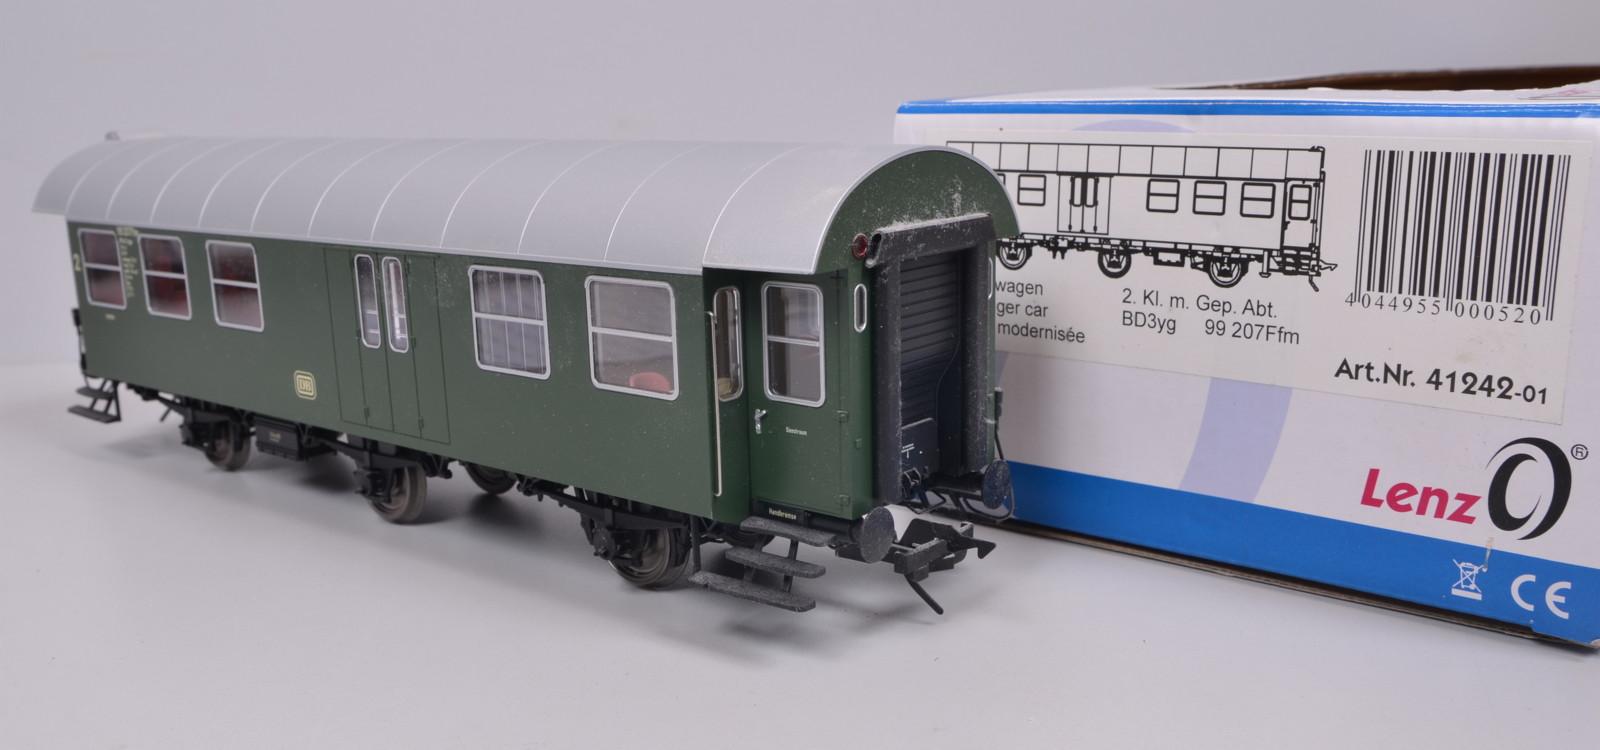 mit Gepäckabteil DB Spur 0 Lenz 41242-03 Personenwagen Umbauwagen BPw3yge 2 Kl